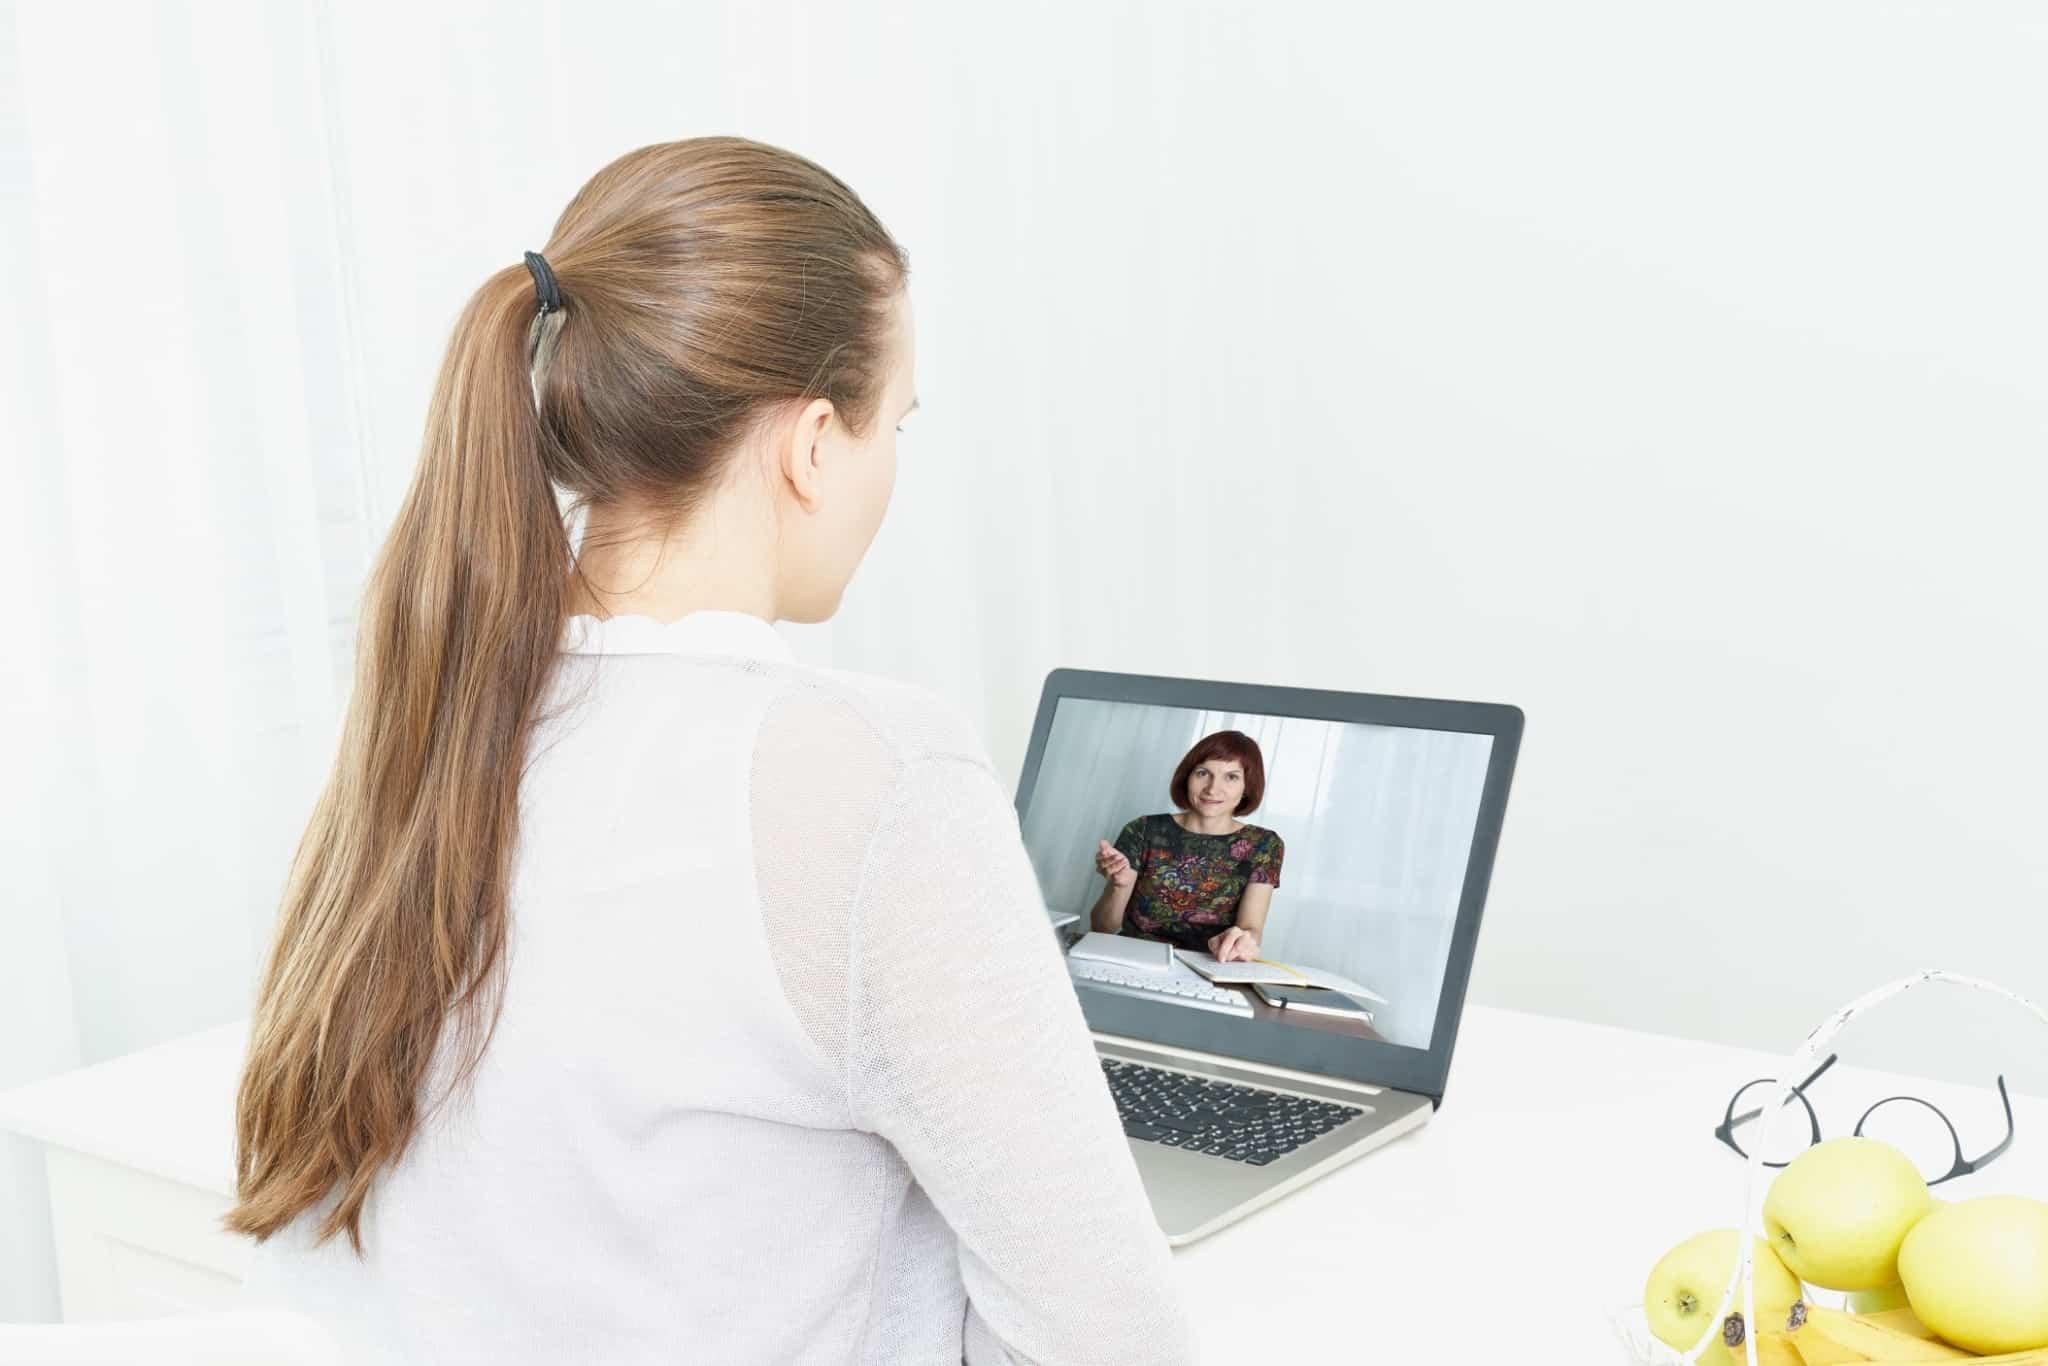 rapariga a fazer um curso online através de vídeo